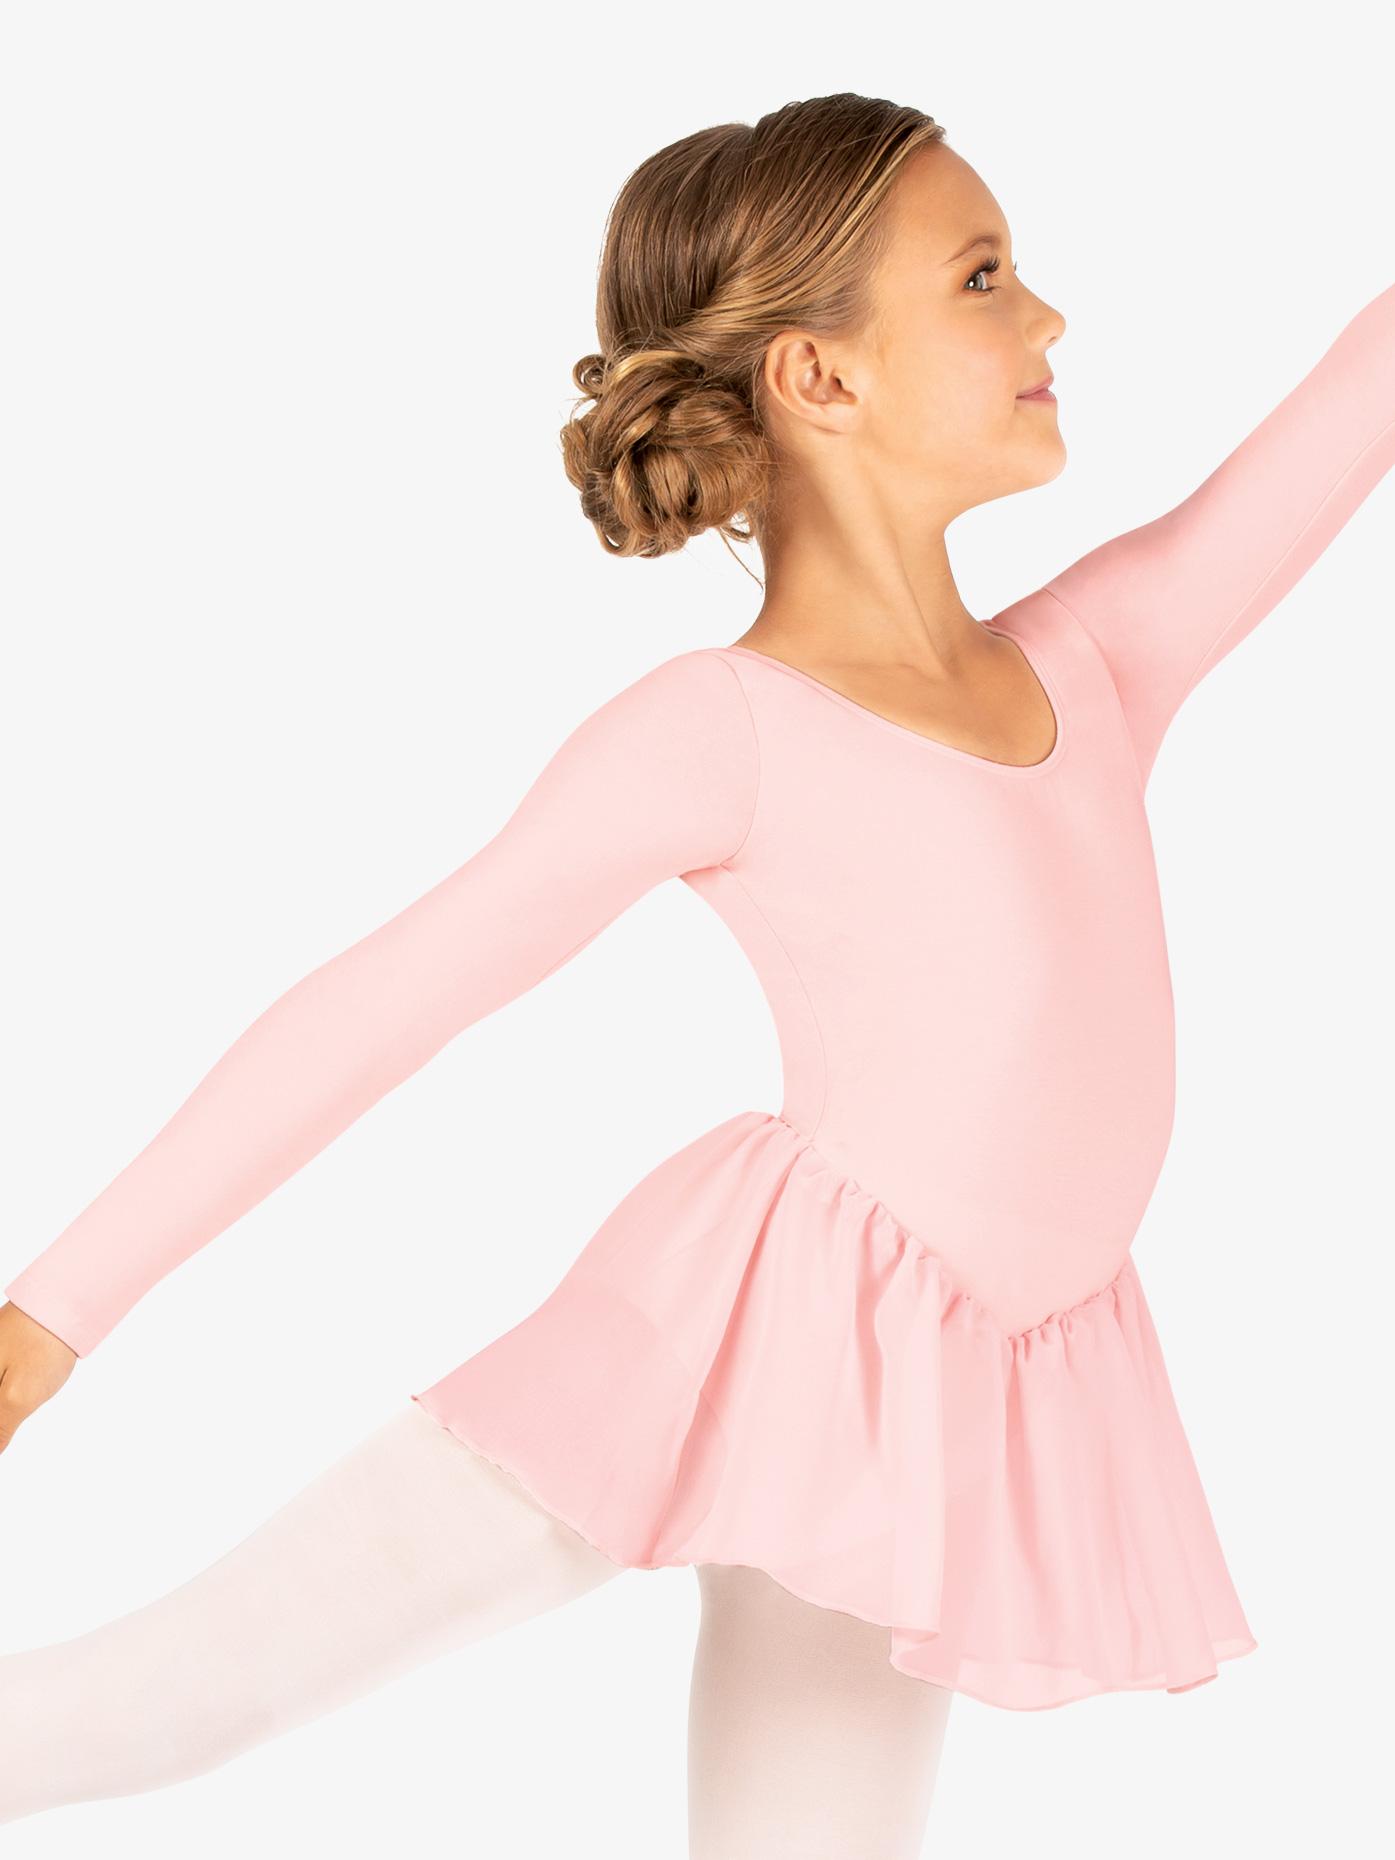 d0cca6d45 Long Sleeve Dress - Dresses